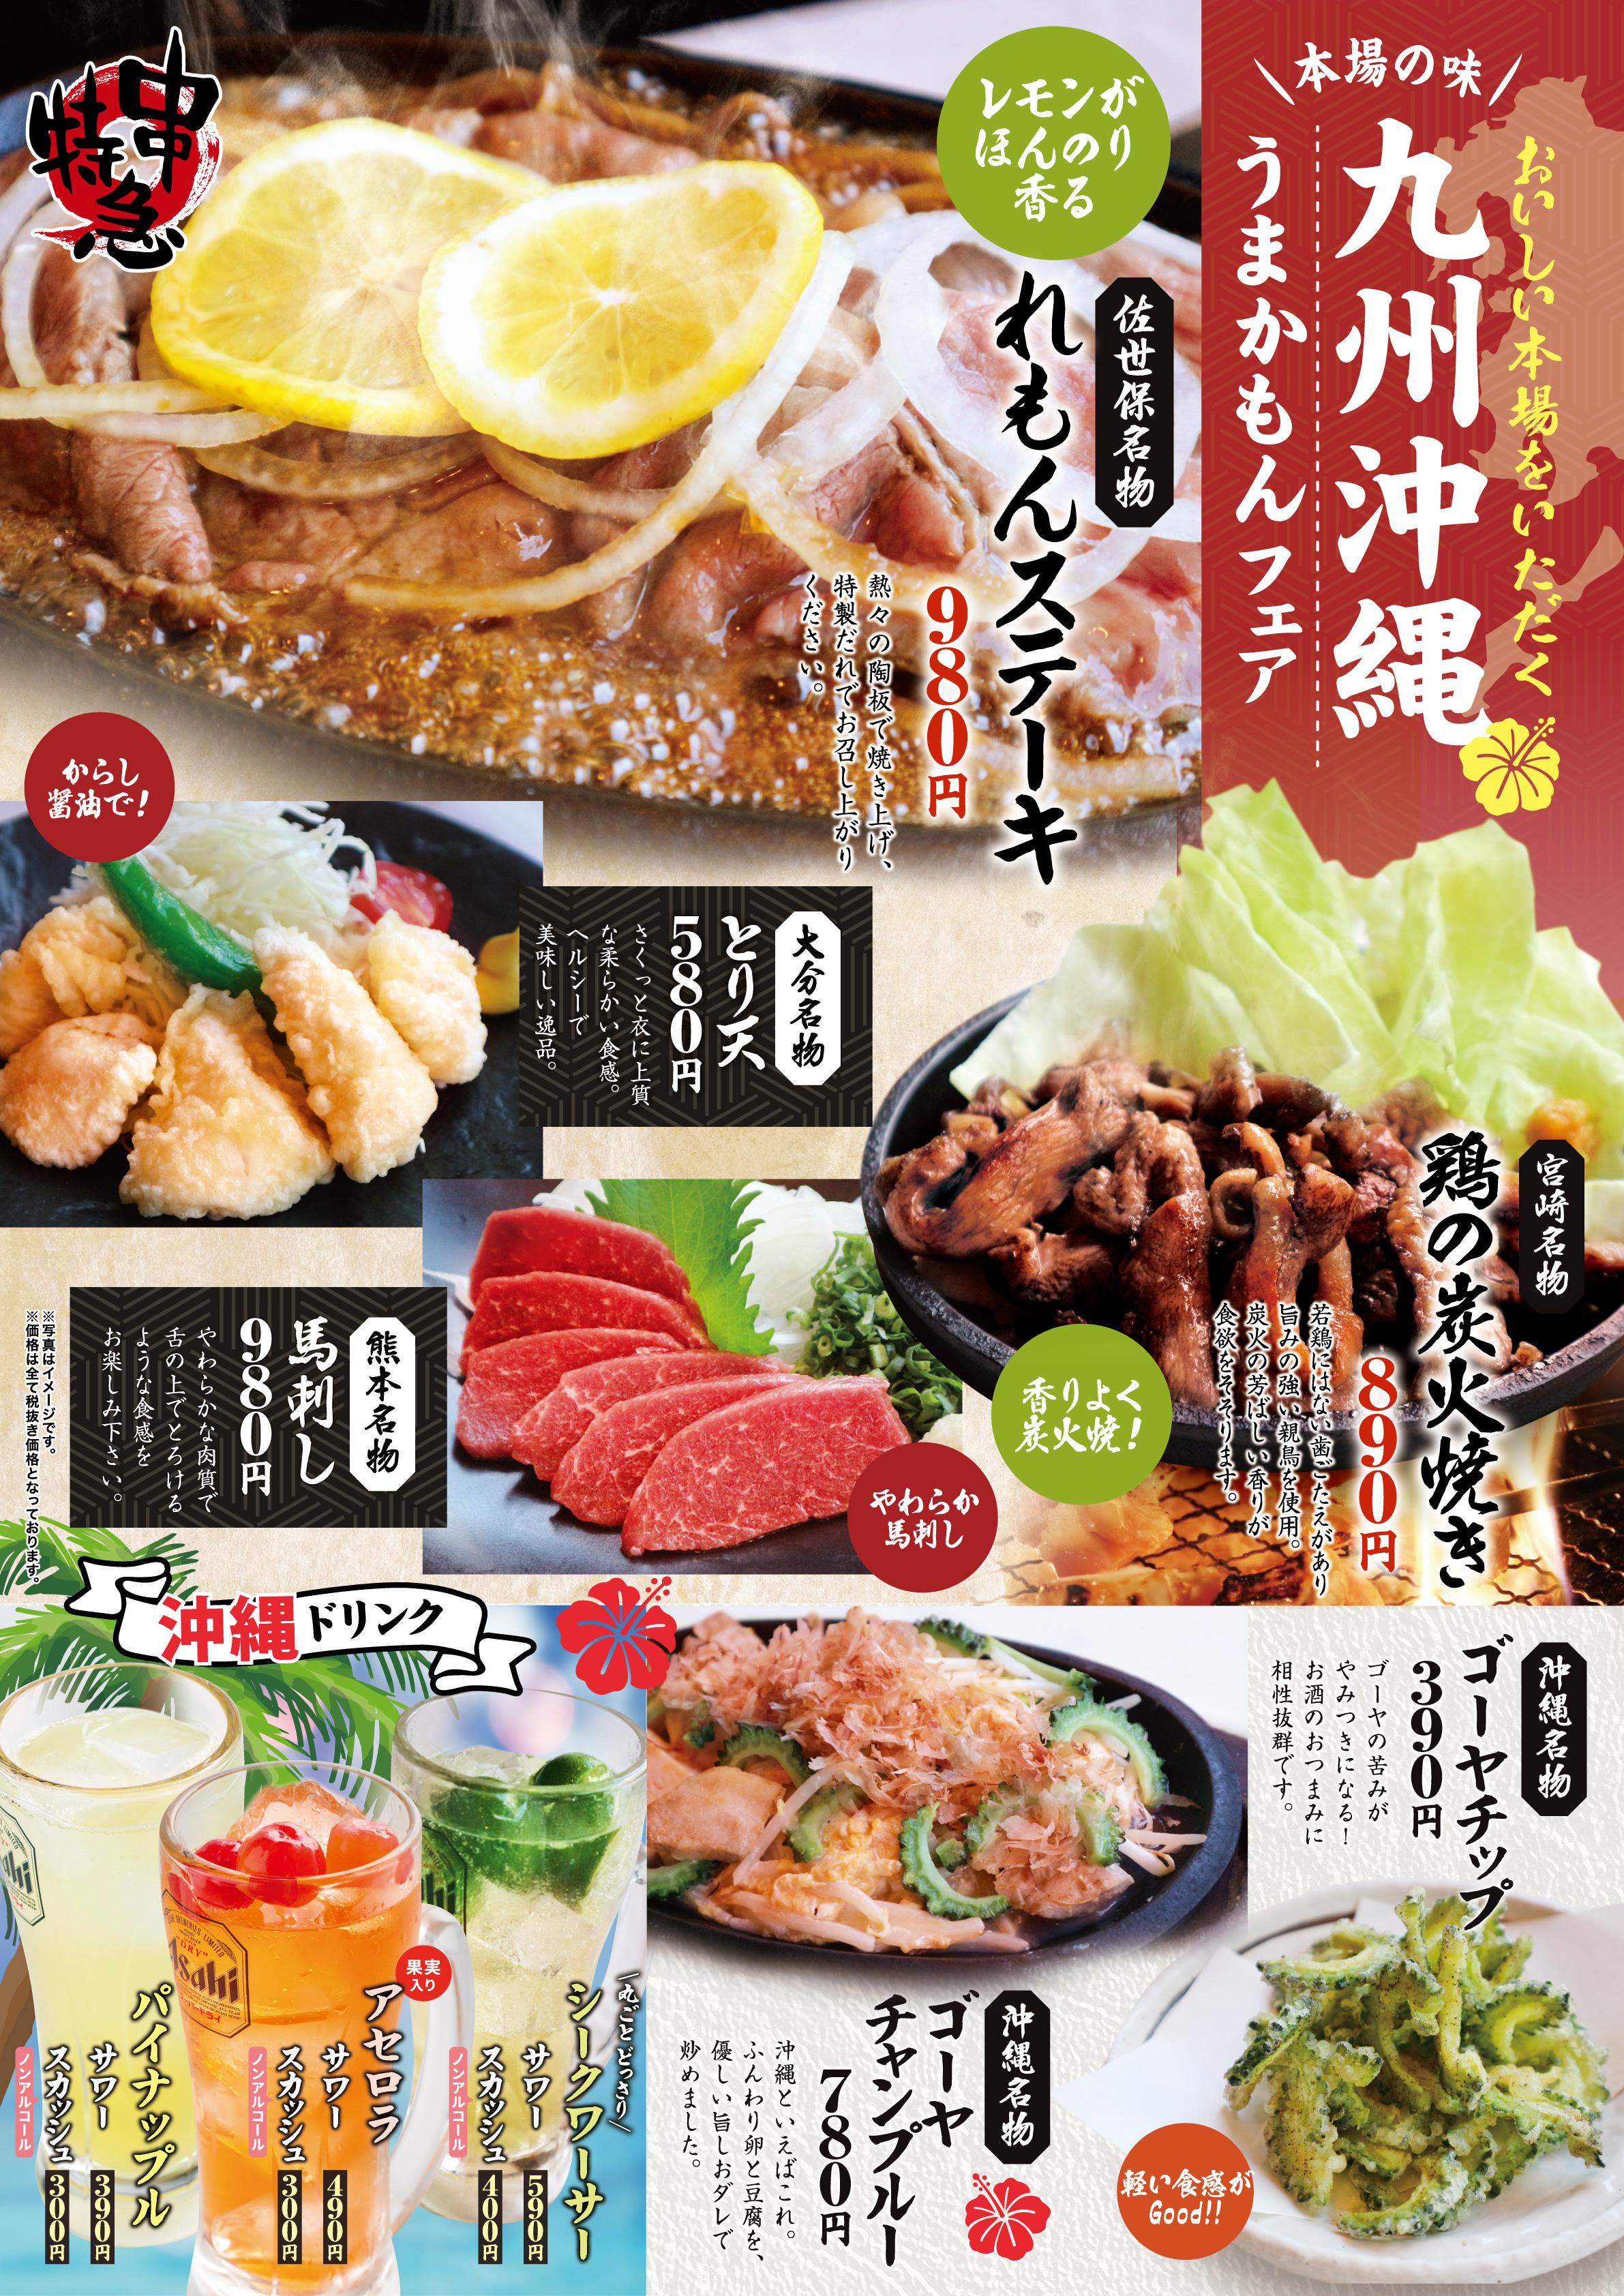 6月3日より期間限定「九州沖縄フェア」がスタート!!